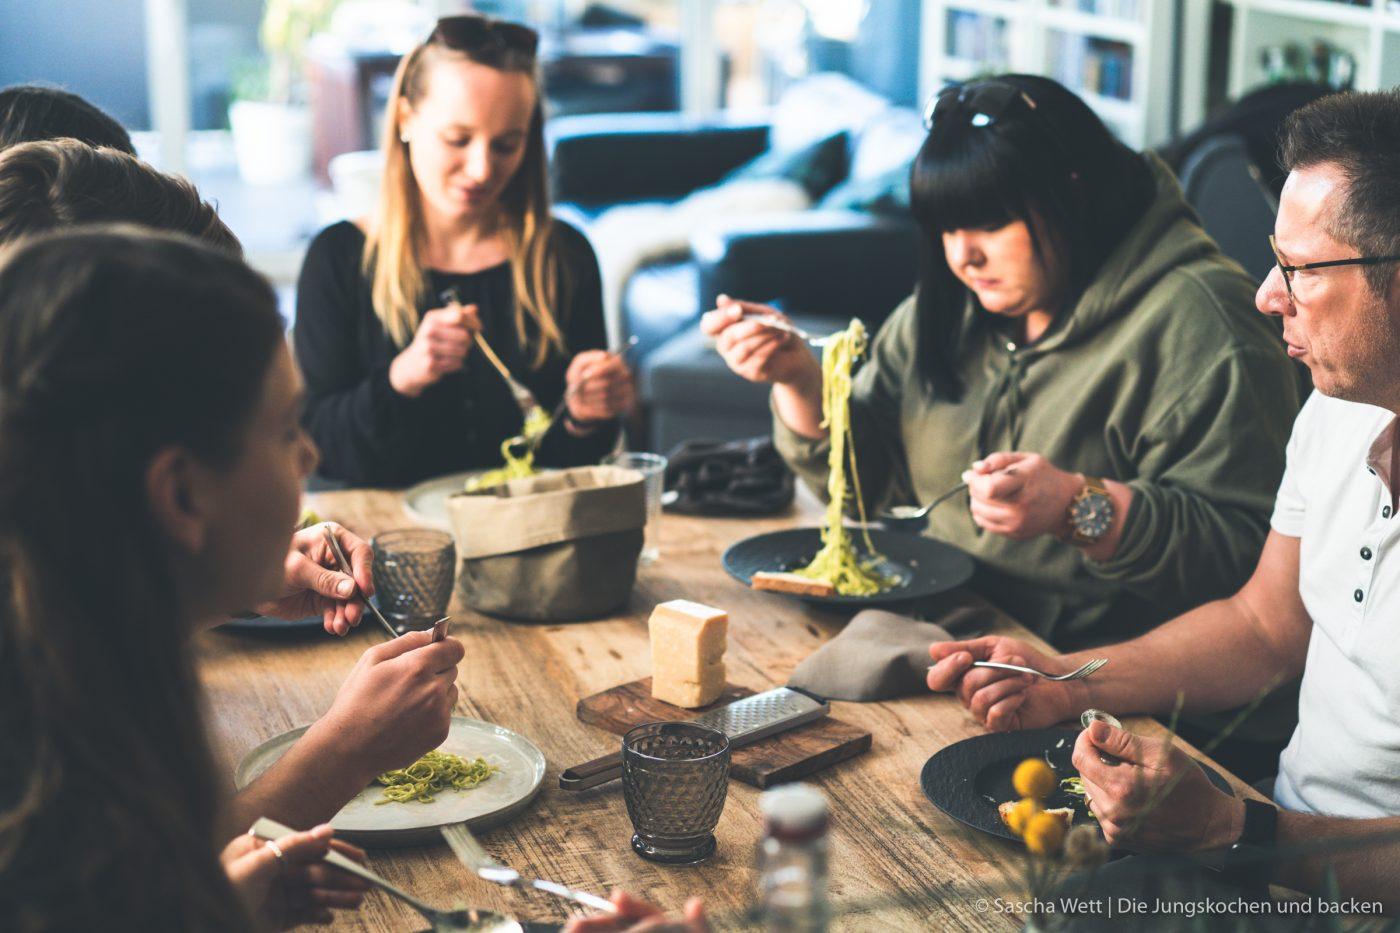 Pesto Pasta 17 | Dieses Rezept haben wir wirklich schon vor einer ganzen Weile zubereitet. Aber manchmal kommen einem immer andere Dinge dazwischen, dann wandern die Bilder mehr und mehr in den Hintergrund und andere Rezepte passen noch besser in die Jahreszeit! Daher ist unser Gericht, das wir euch heute zeigen, absolut unabhängig von fast jeglicher Saison - also ein All-Year-Long-Rezept!! Ok .. wenn ihr euren Basilikum unbedingt aus dem Garten, anstatt von der Fensterbank haben möchtet, dann schon. Auf jeden Fall steht heute Pasta al pesto für euch auf dem Programm.